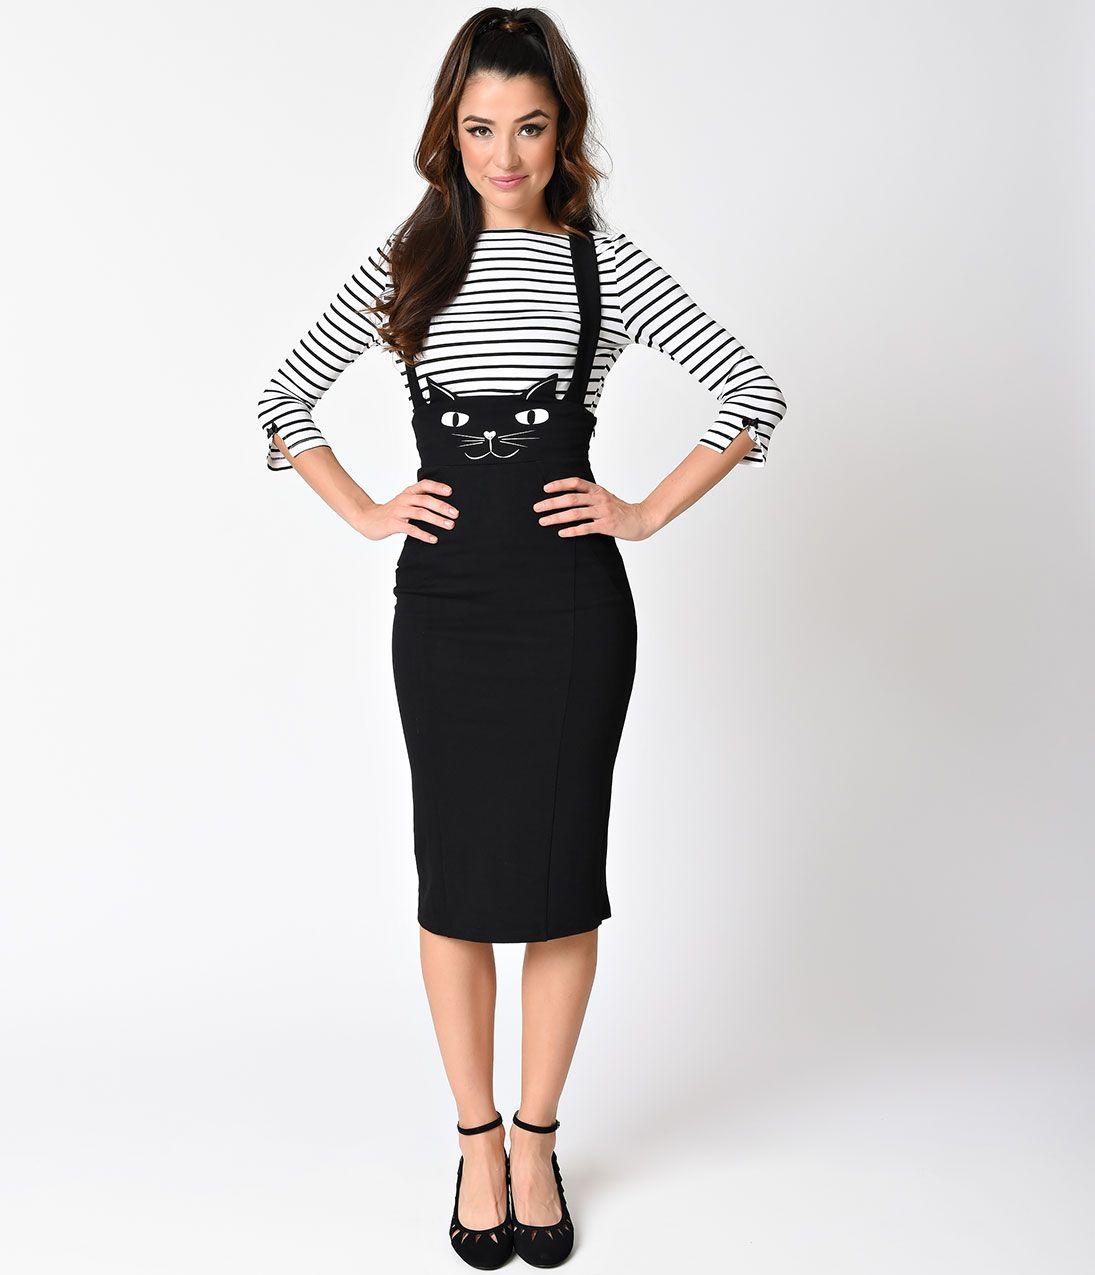 eab5c27d93 Unique Vintage Plus Size Retro Style Black Cat Sabrina Suspender Skirt